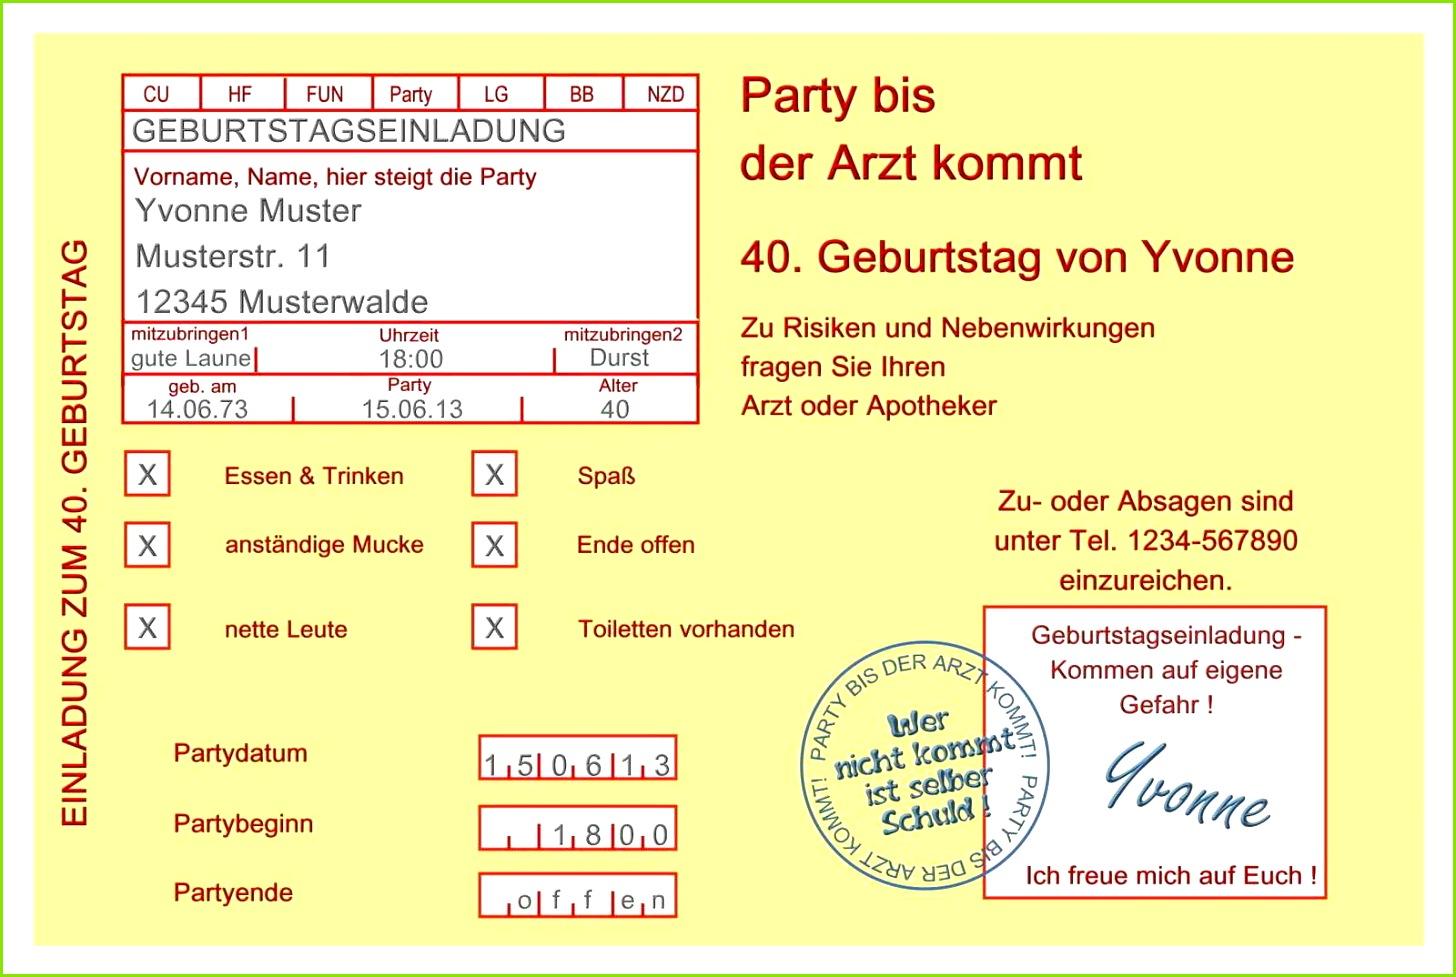 Postkarte Vorlage Frisch Postkarten Zum Geburtstag Schön Postkarte Geburtstag Kostenlos Die Besten Postkarte Vorlage